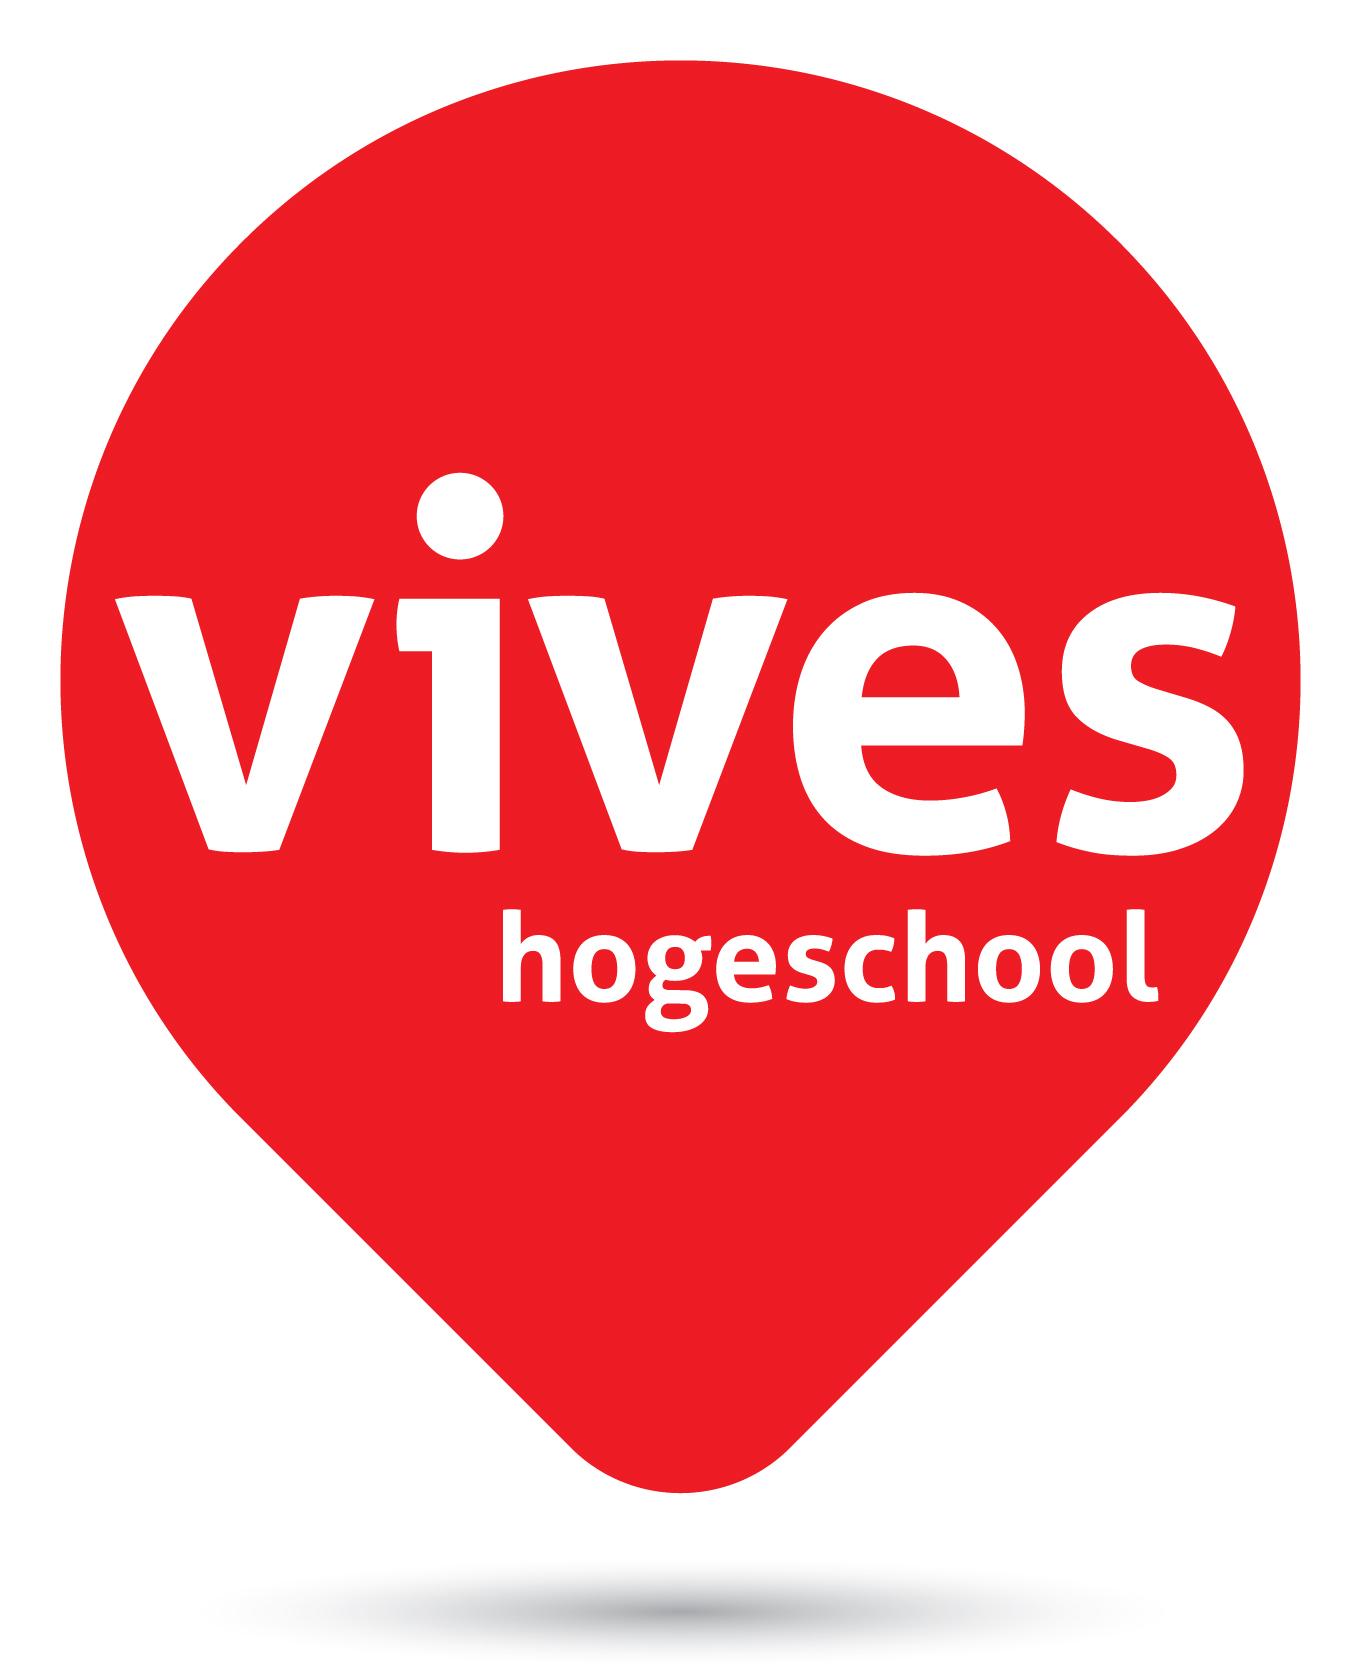 VIVES-LOGO-2COLORS-HOGESCHOOL-07